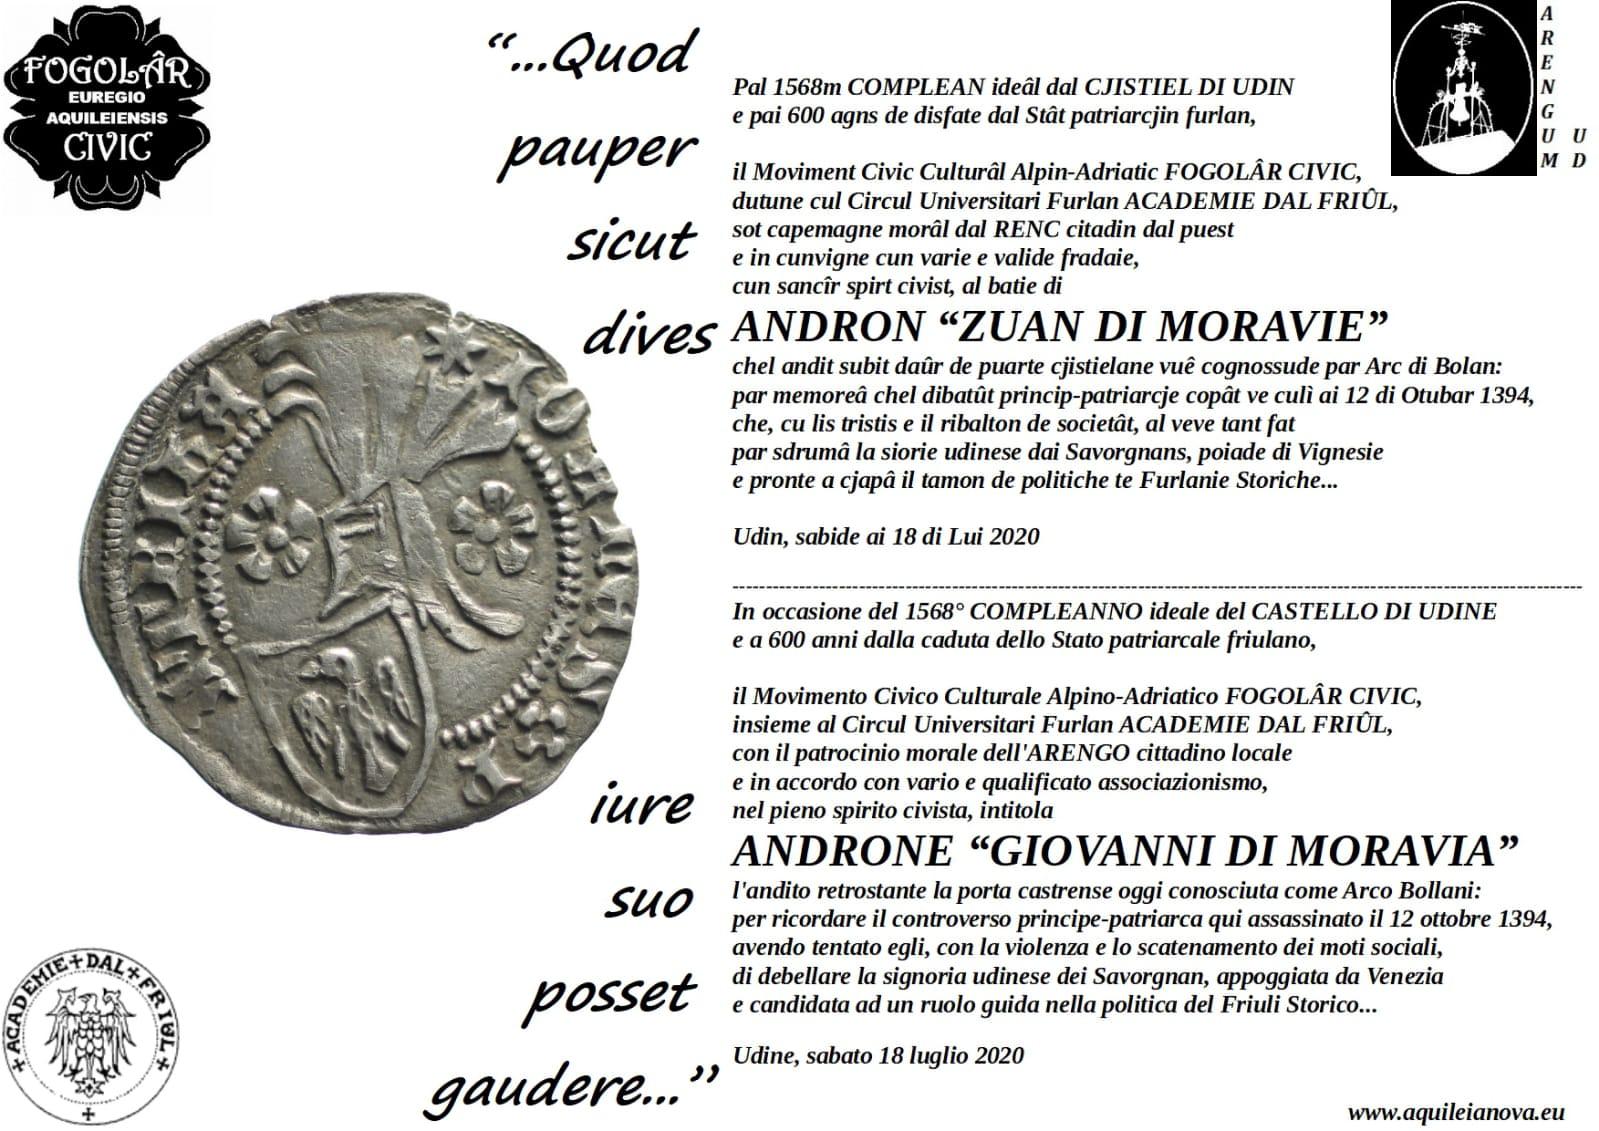 Oggi 1568° COMPLEANNO IDEALE DEL CASTELLO DI UDINE (18 luglio 452 + 2020)!